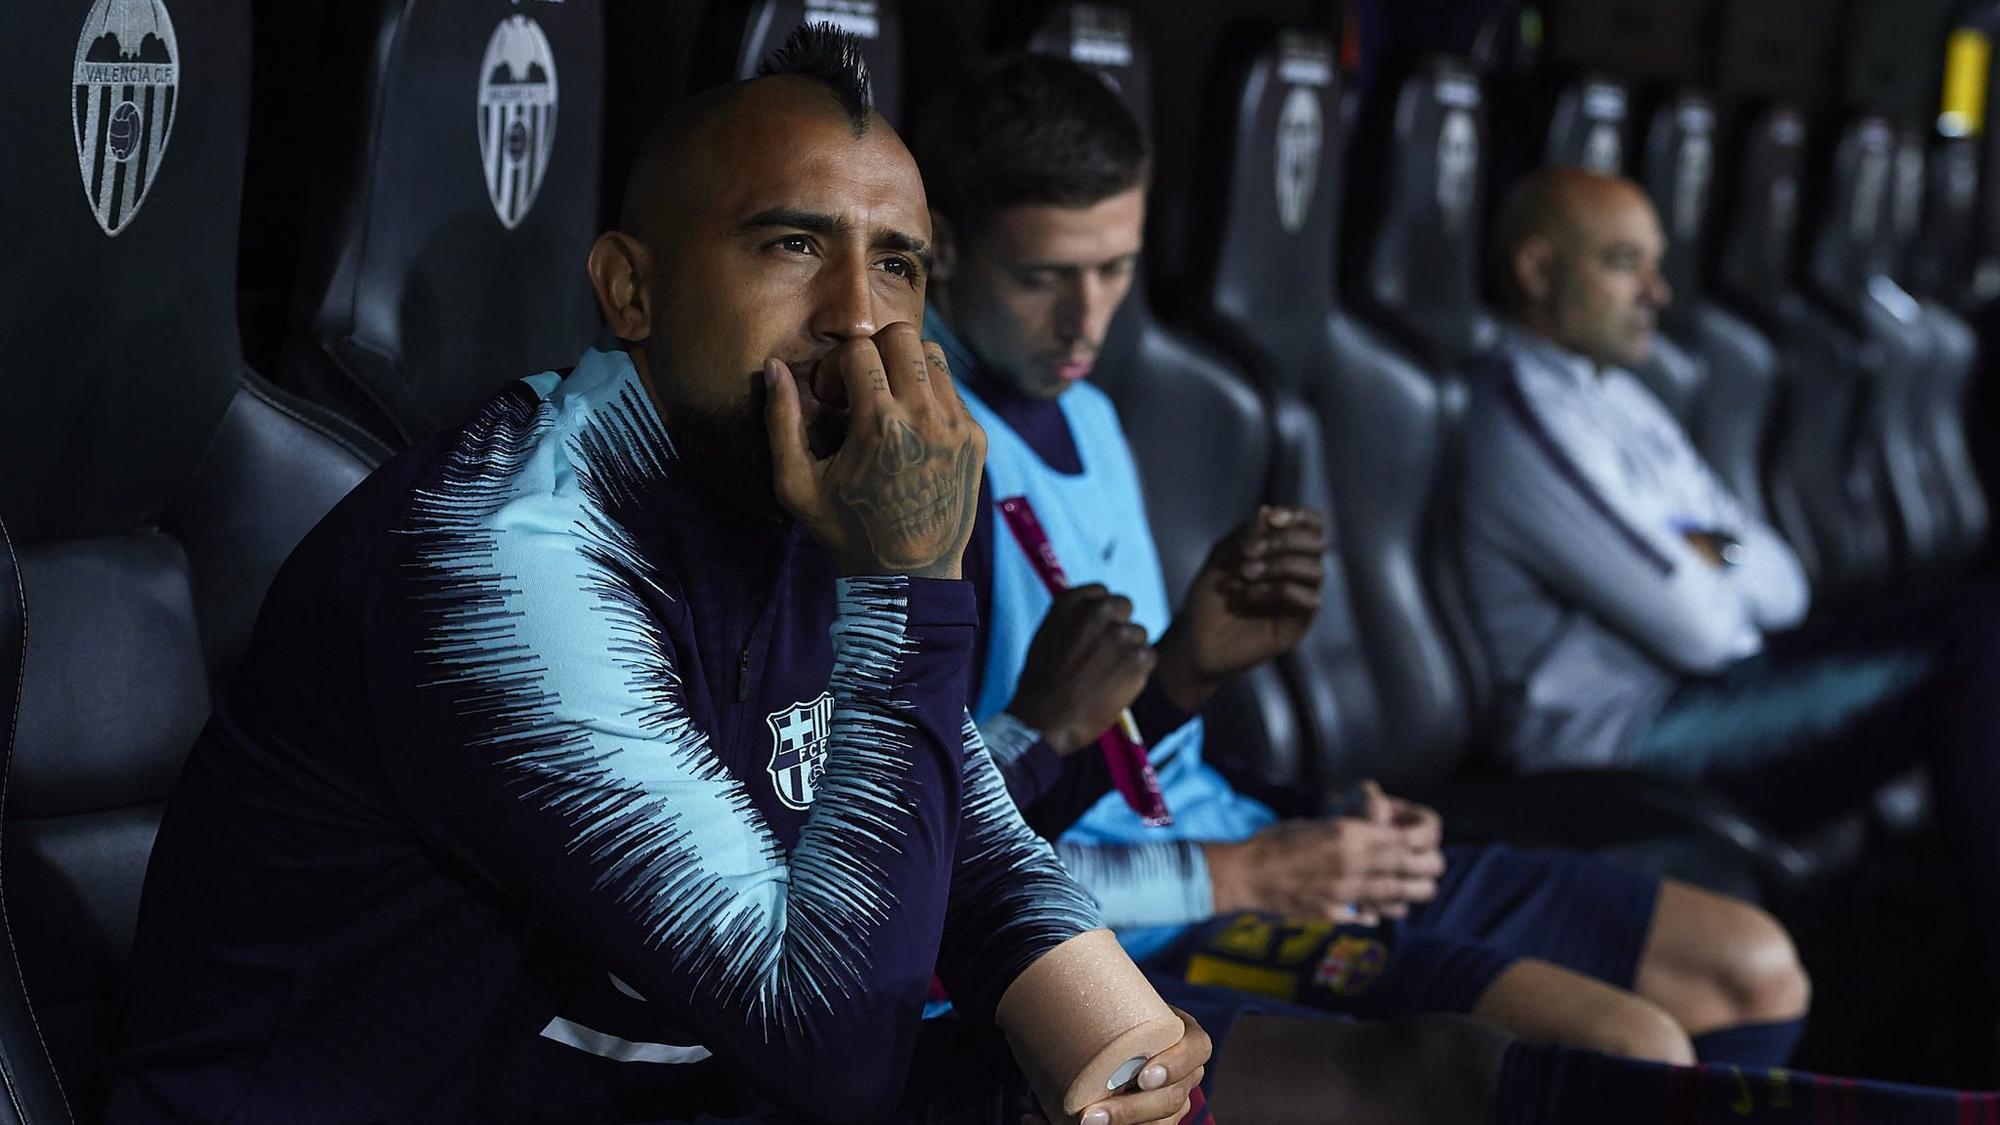 Barcelona midfielder Vidal fined for nightclub fight in Munich